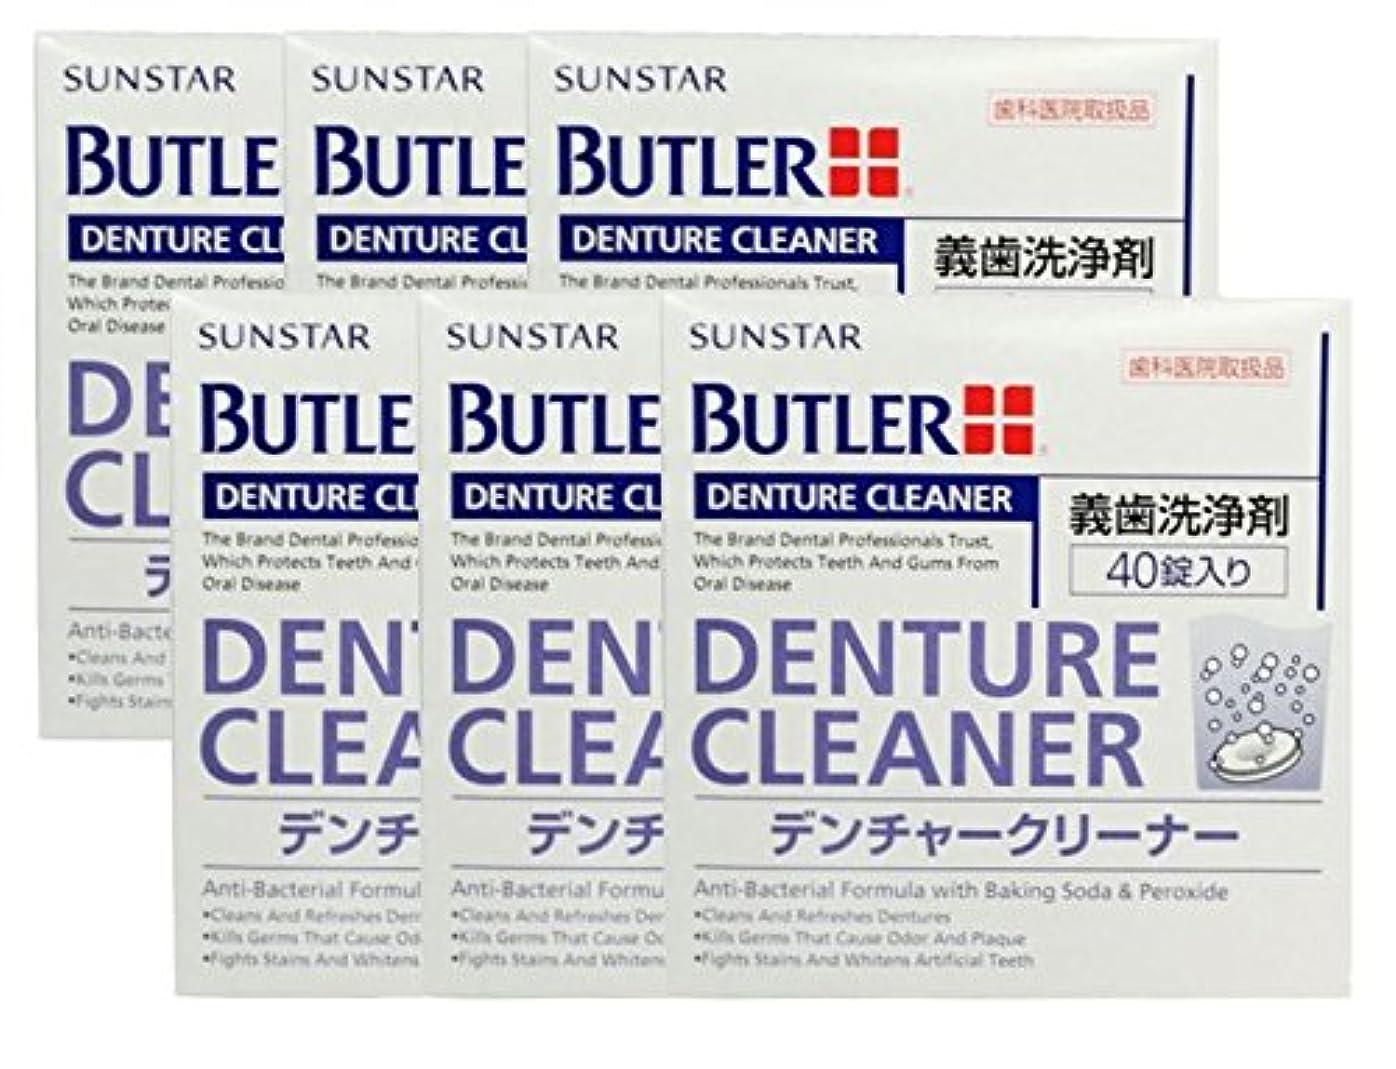 電卓全体に実行可能サンスター/バトラー歯科用バトラー デンチャークリーナー #250P 6箱 義歯洗浄剤 6個入/箱